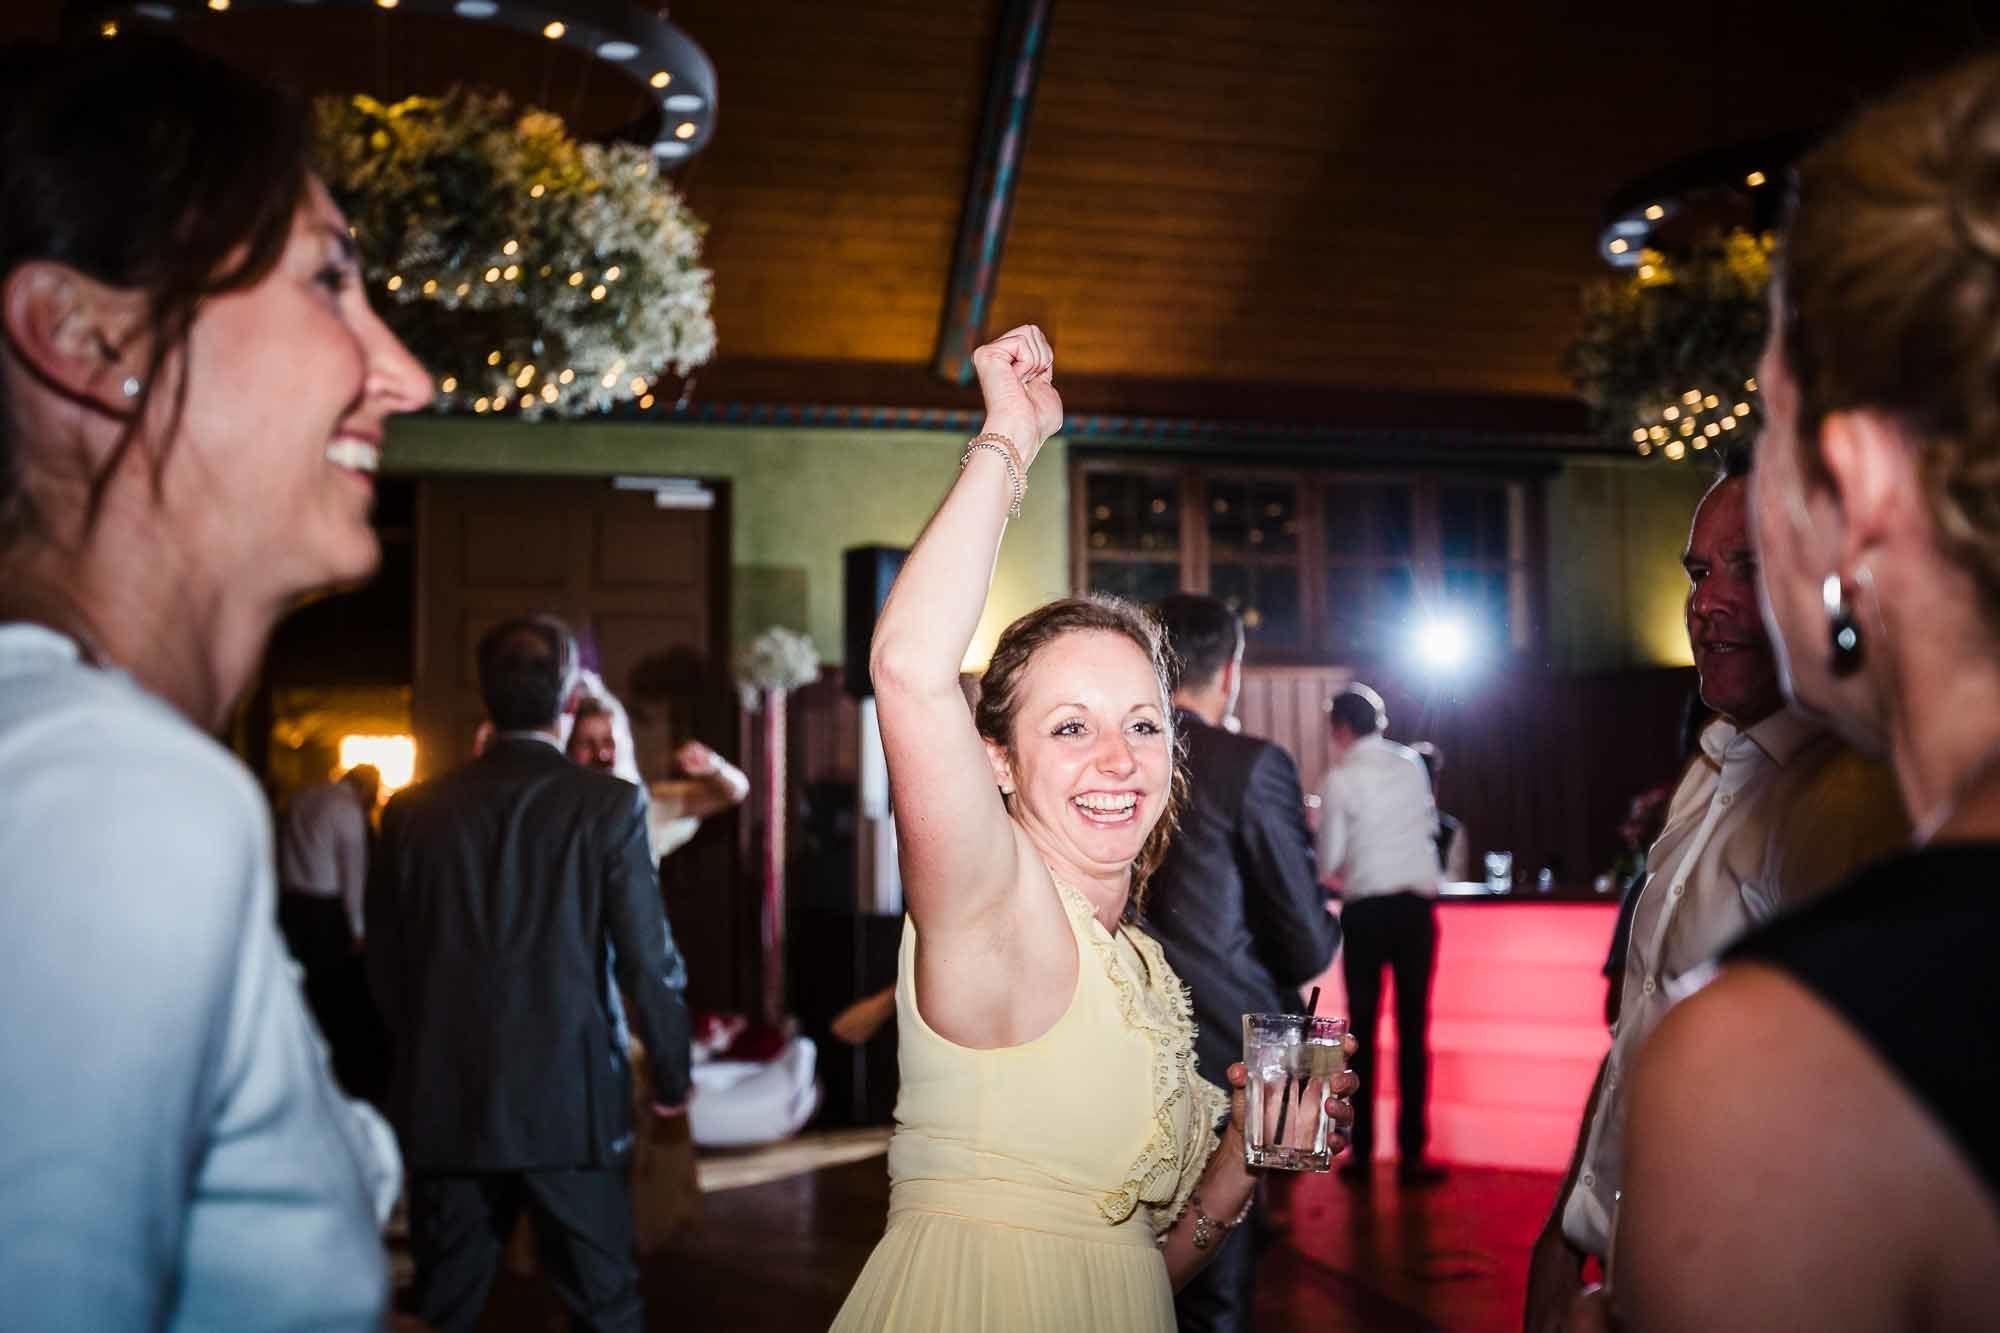 Gäste Tanzen an Hochzeit